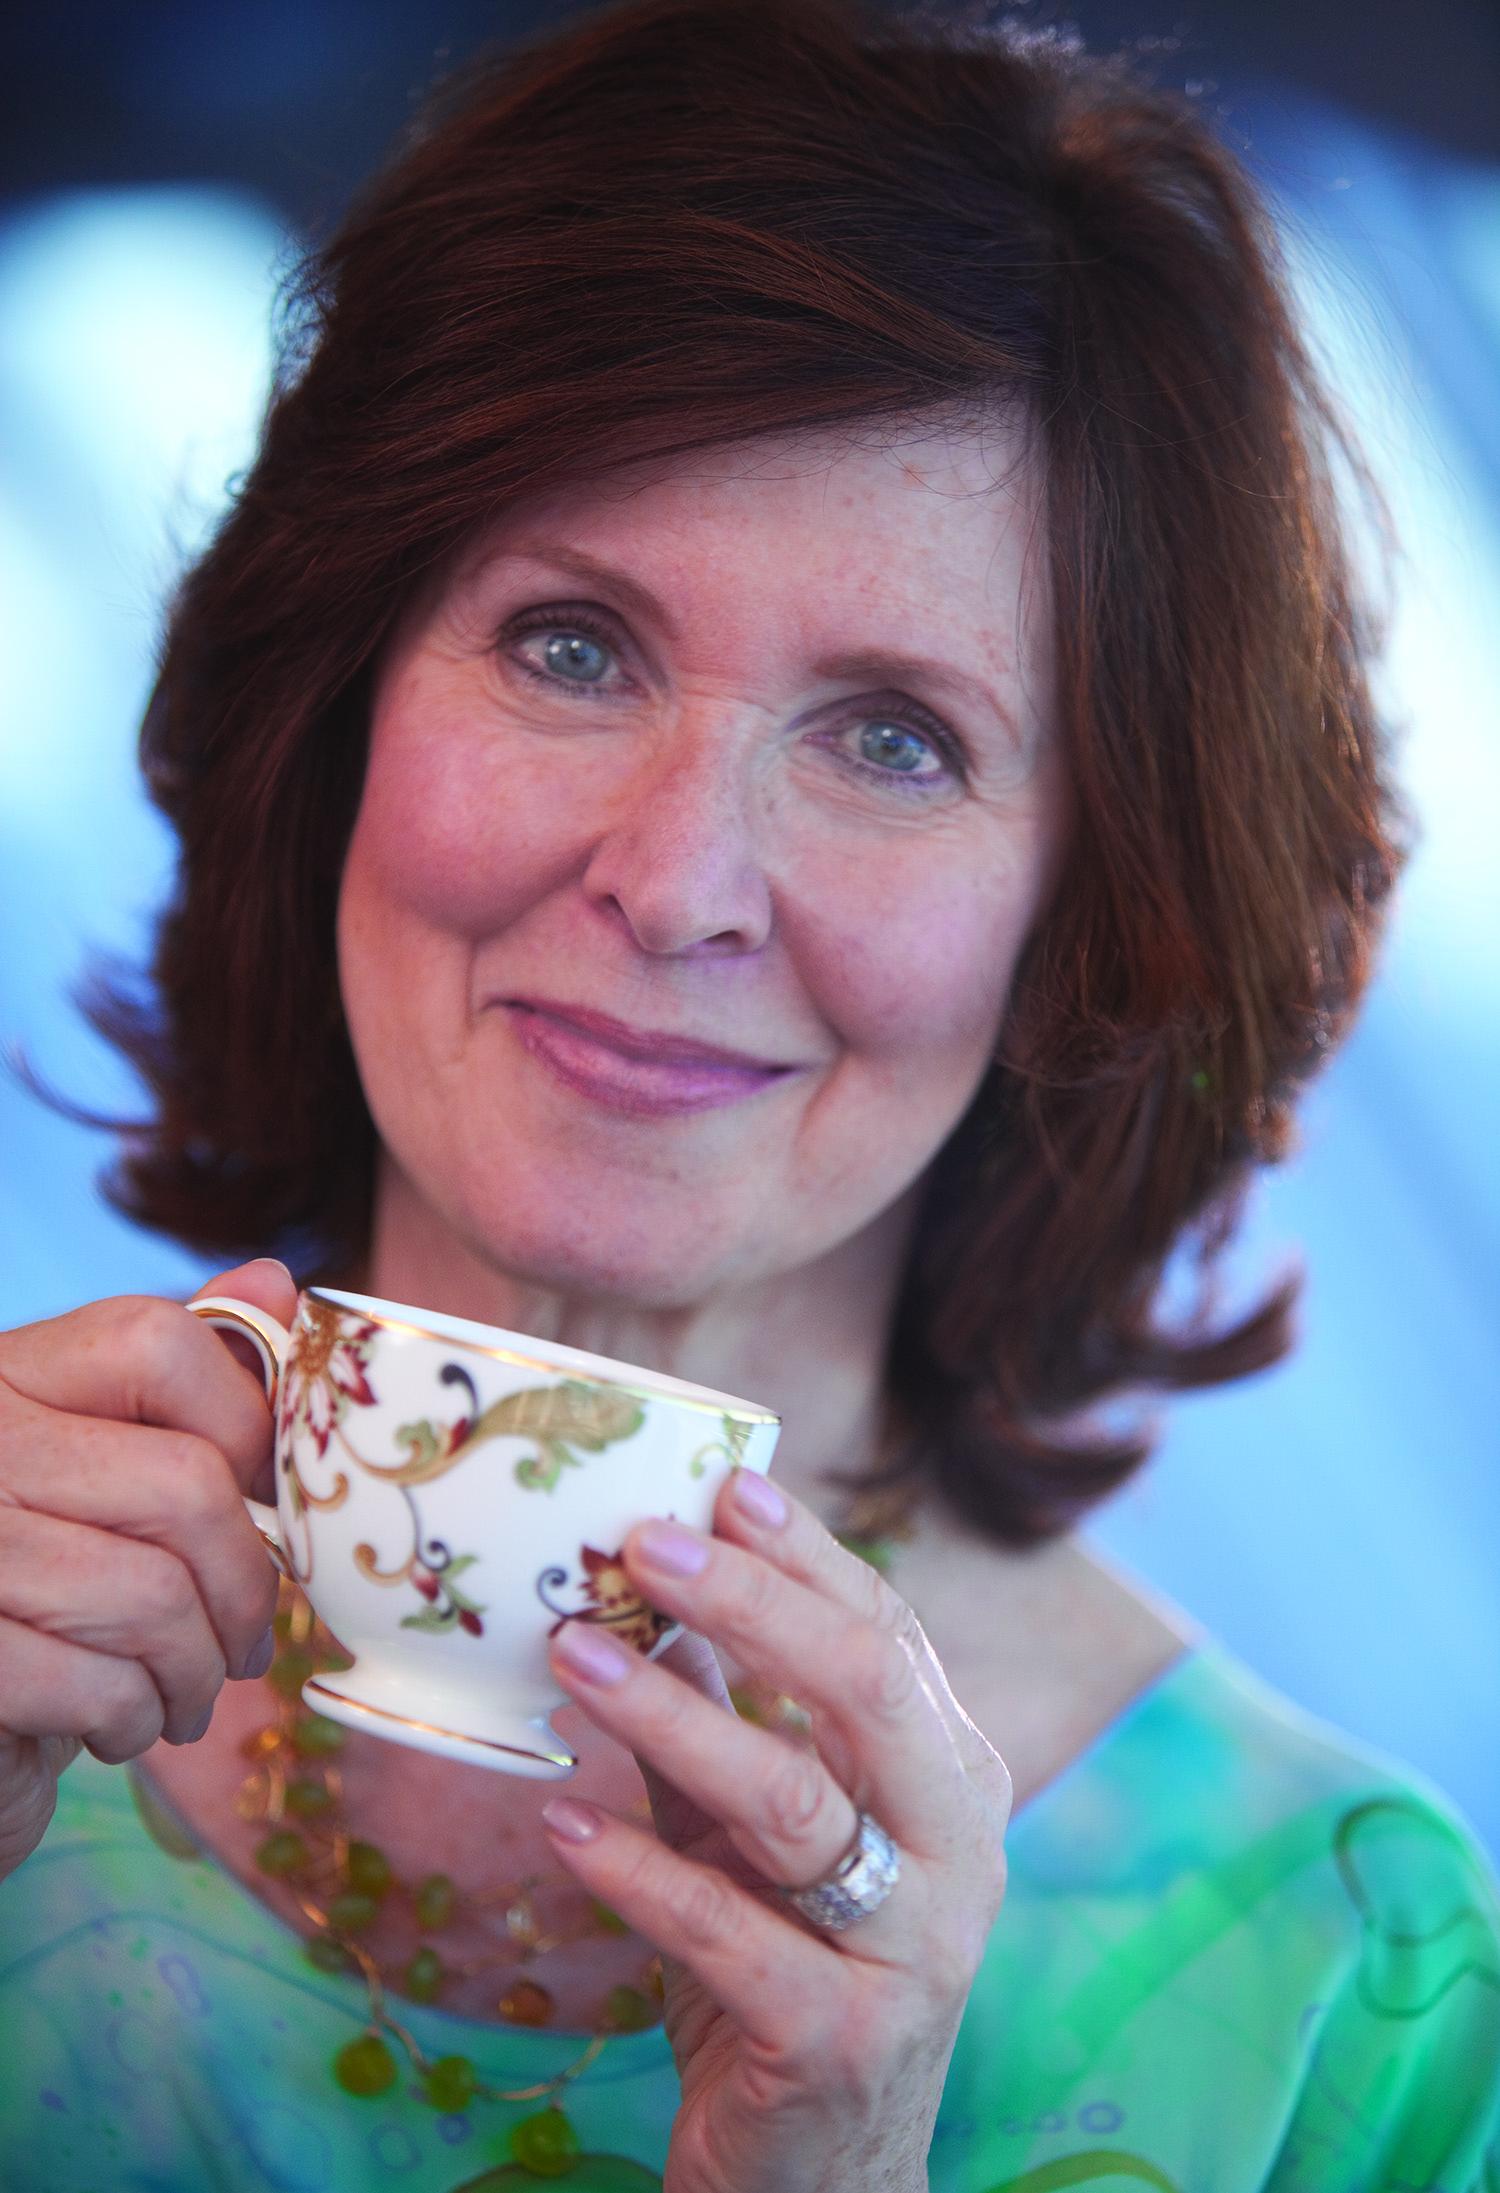 maggie-teacup-9121.jpg